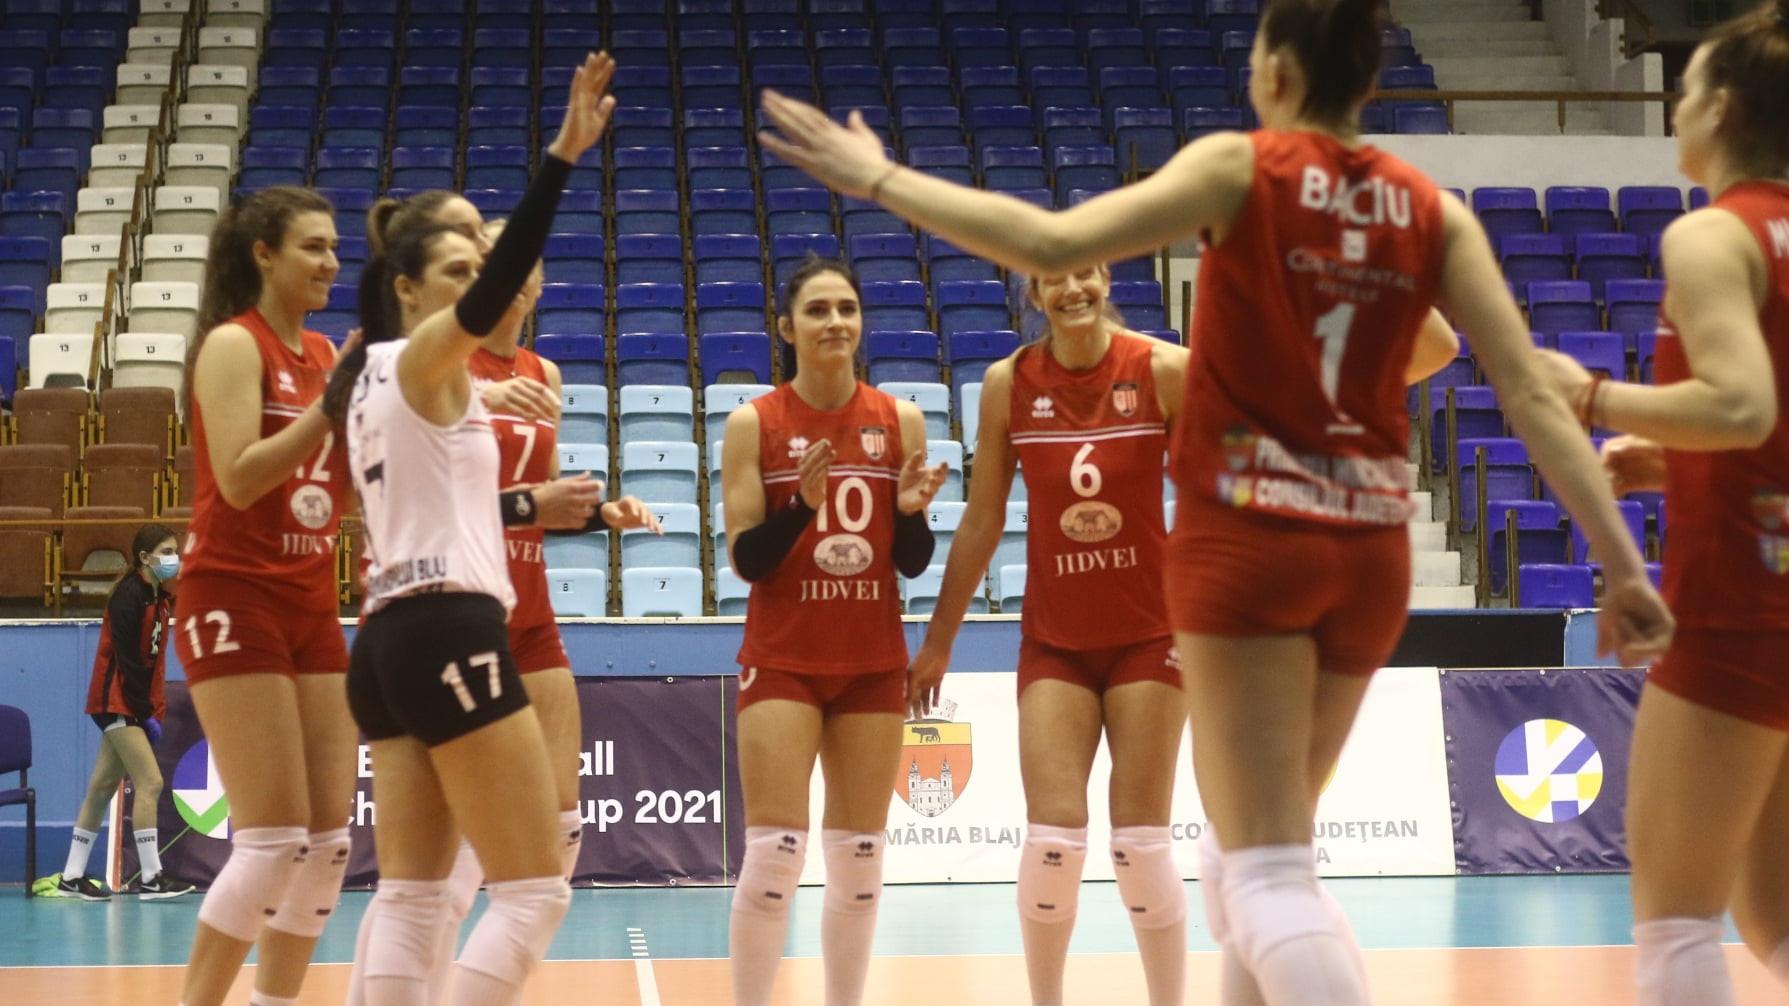 Kaposvári vereség a Challenge-kupa első elődöntőjében